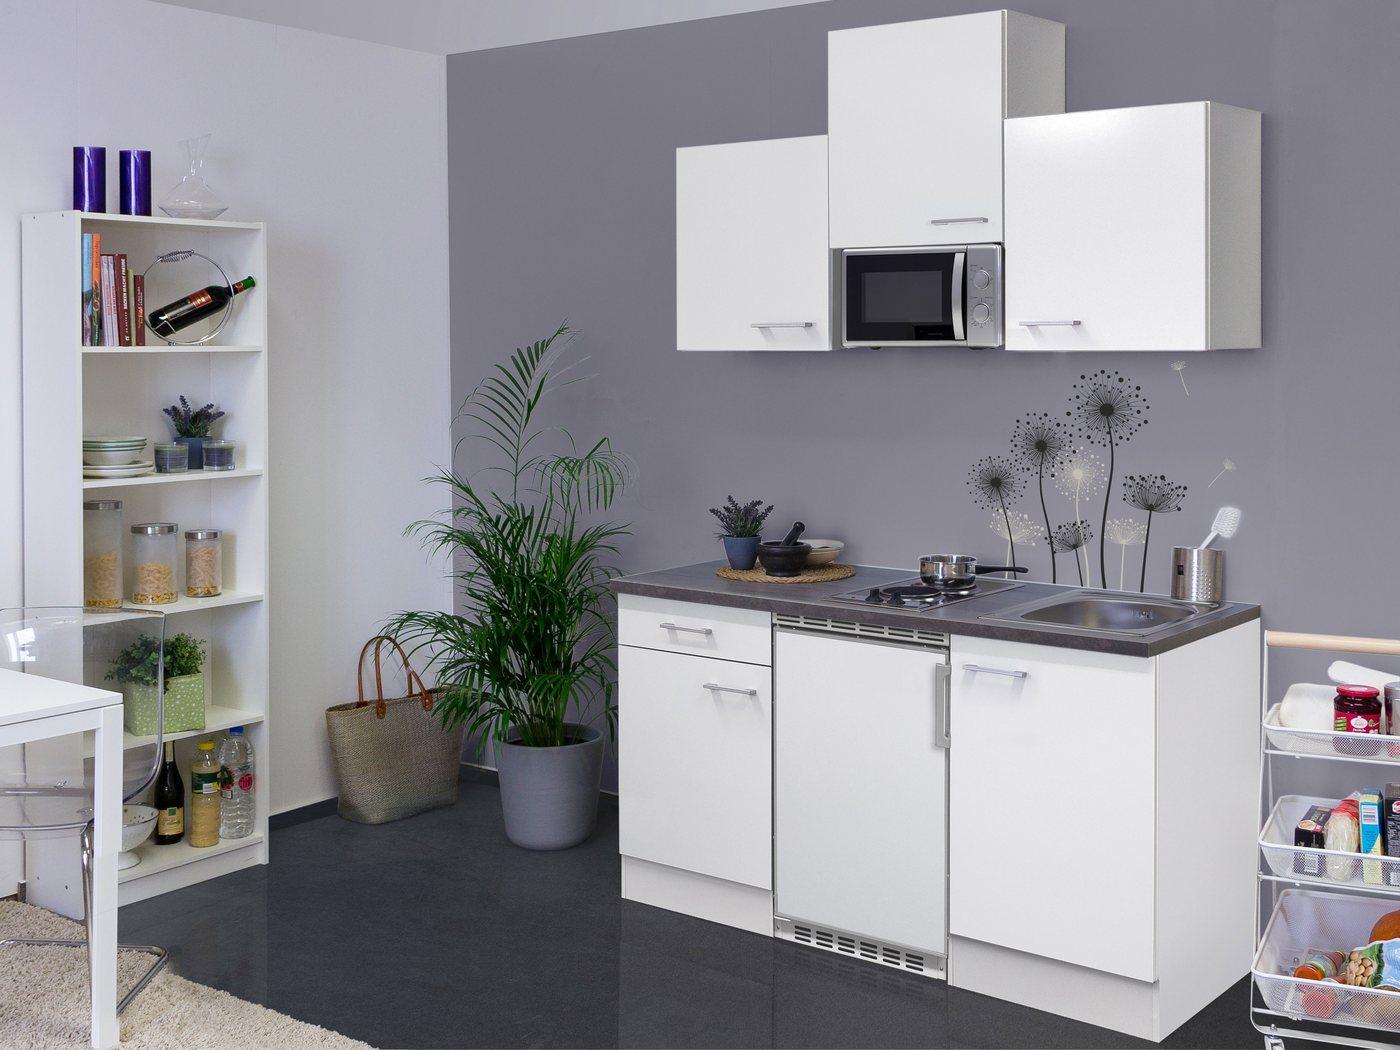 flex well k chenzeile mit e ger ten lucca gesamtbreite 150 cm wei nicht im lieferumfang. Black Bedroom Furniture Sets. Home Design Ideas